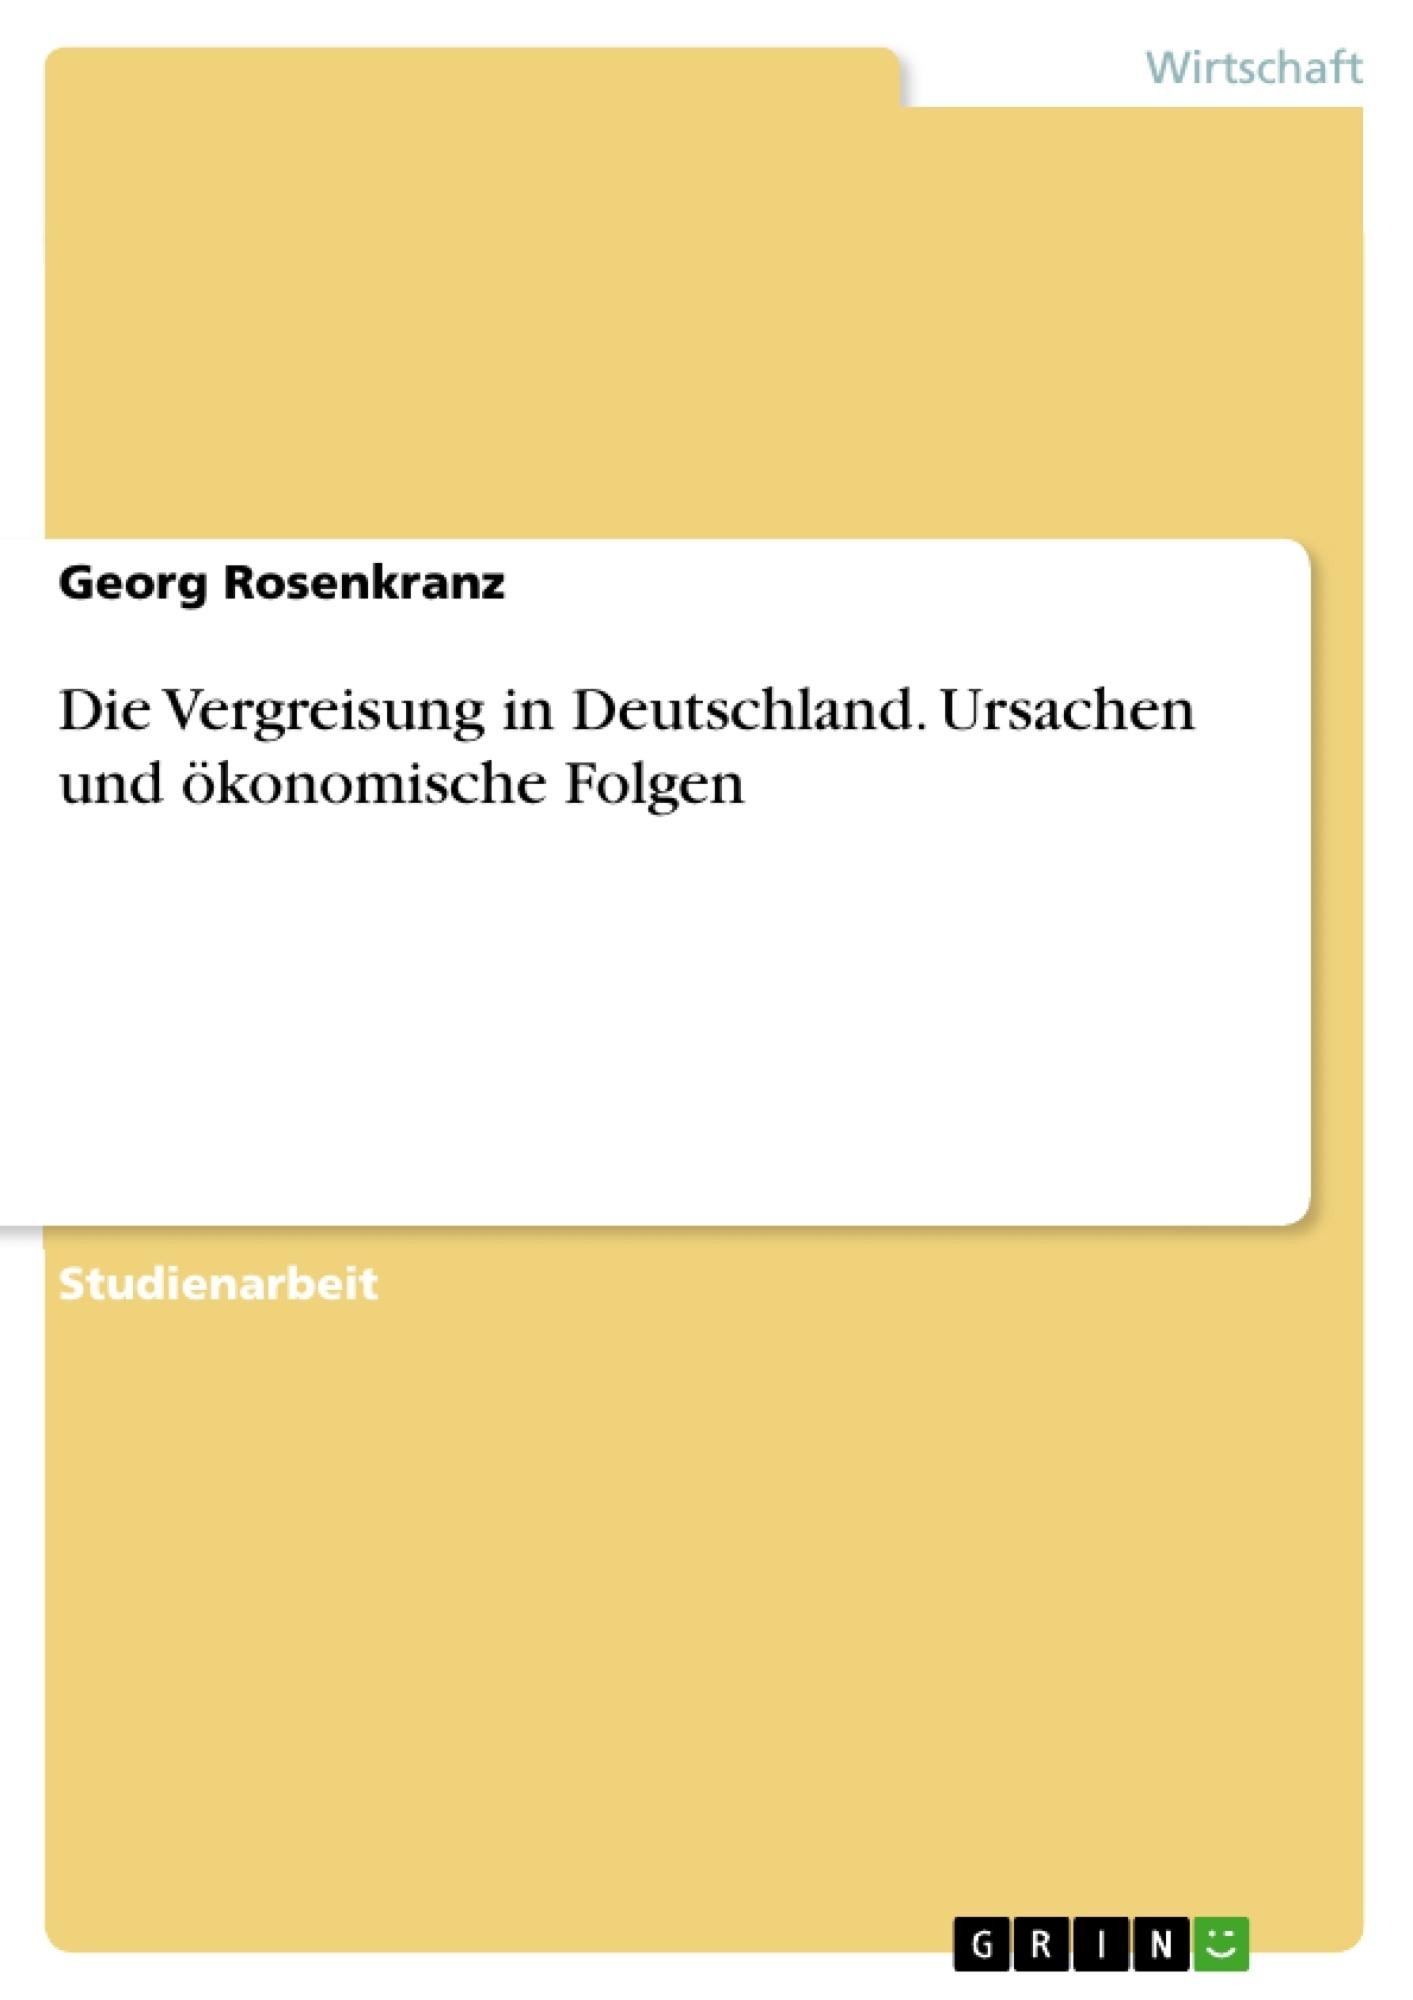 Titel: Die Vergreisung in Deutschland. Ursachen und ökonomische Folgen